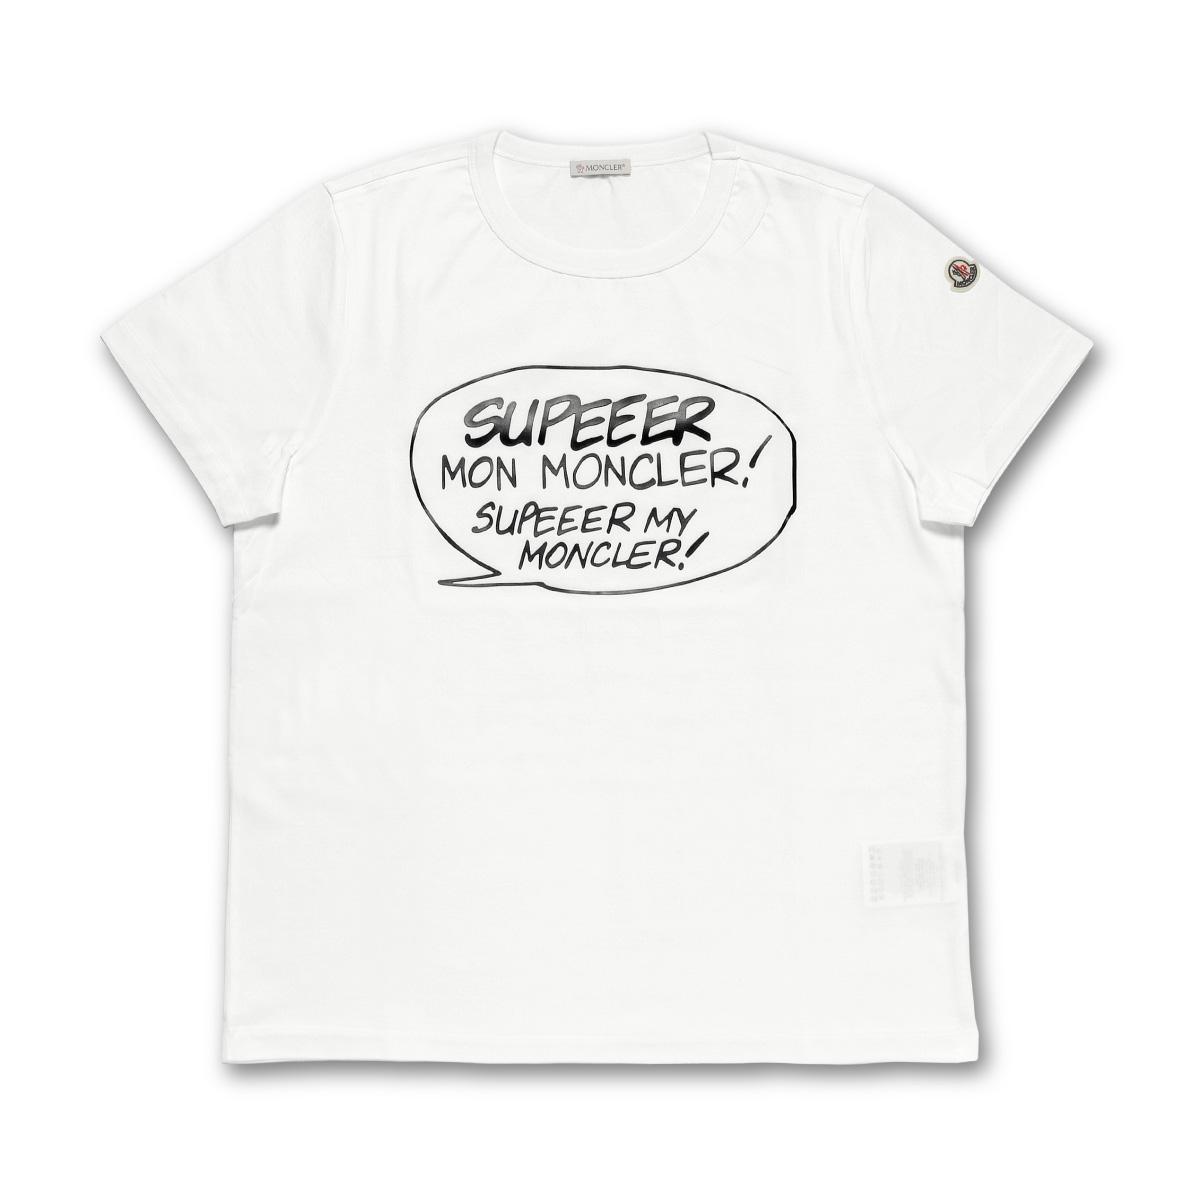 モンクレール MONCLER Tシャツ レディース 8085150 8390X 001 半袖Tシャツ WHITE ホワイト